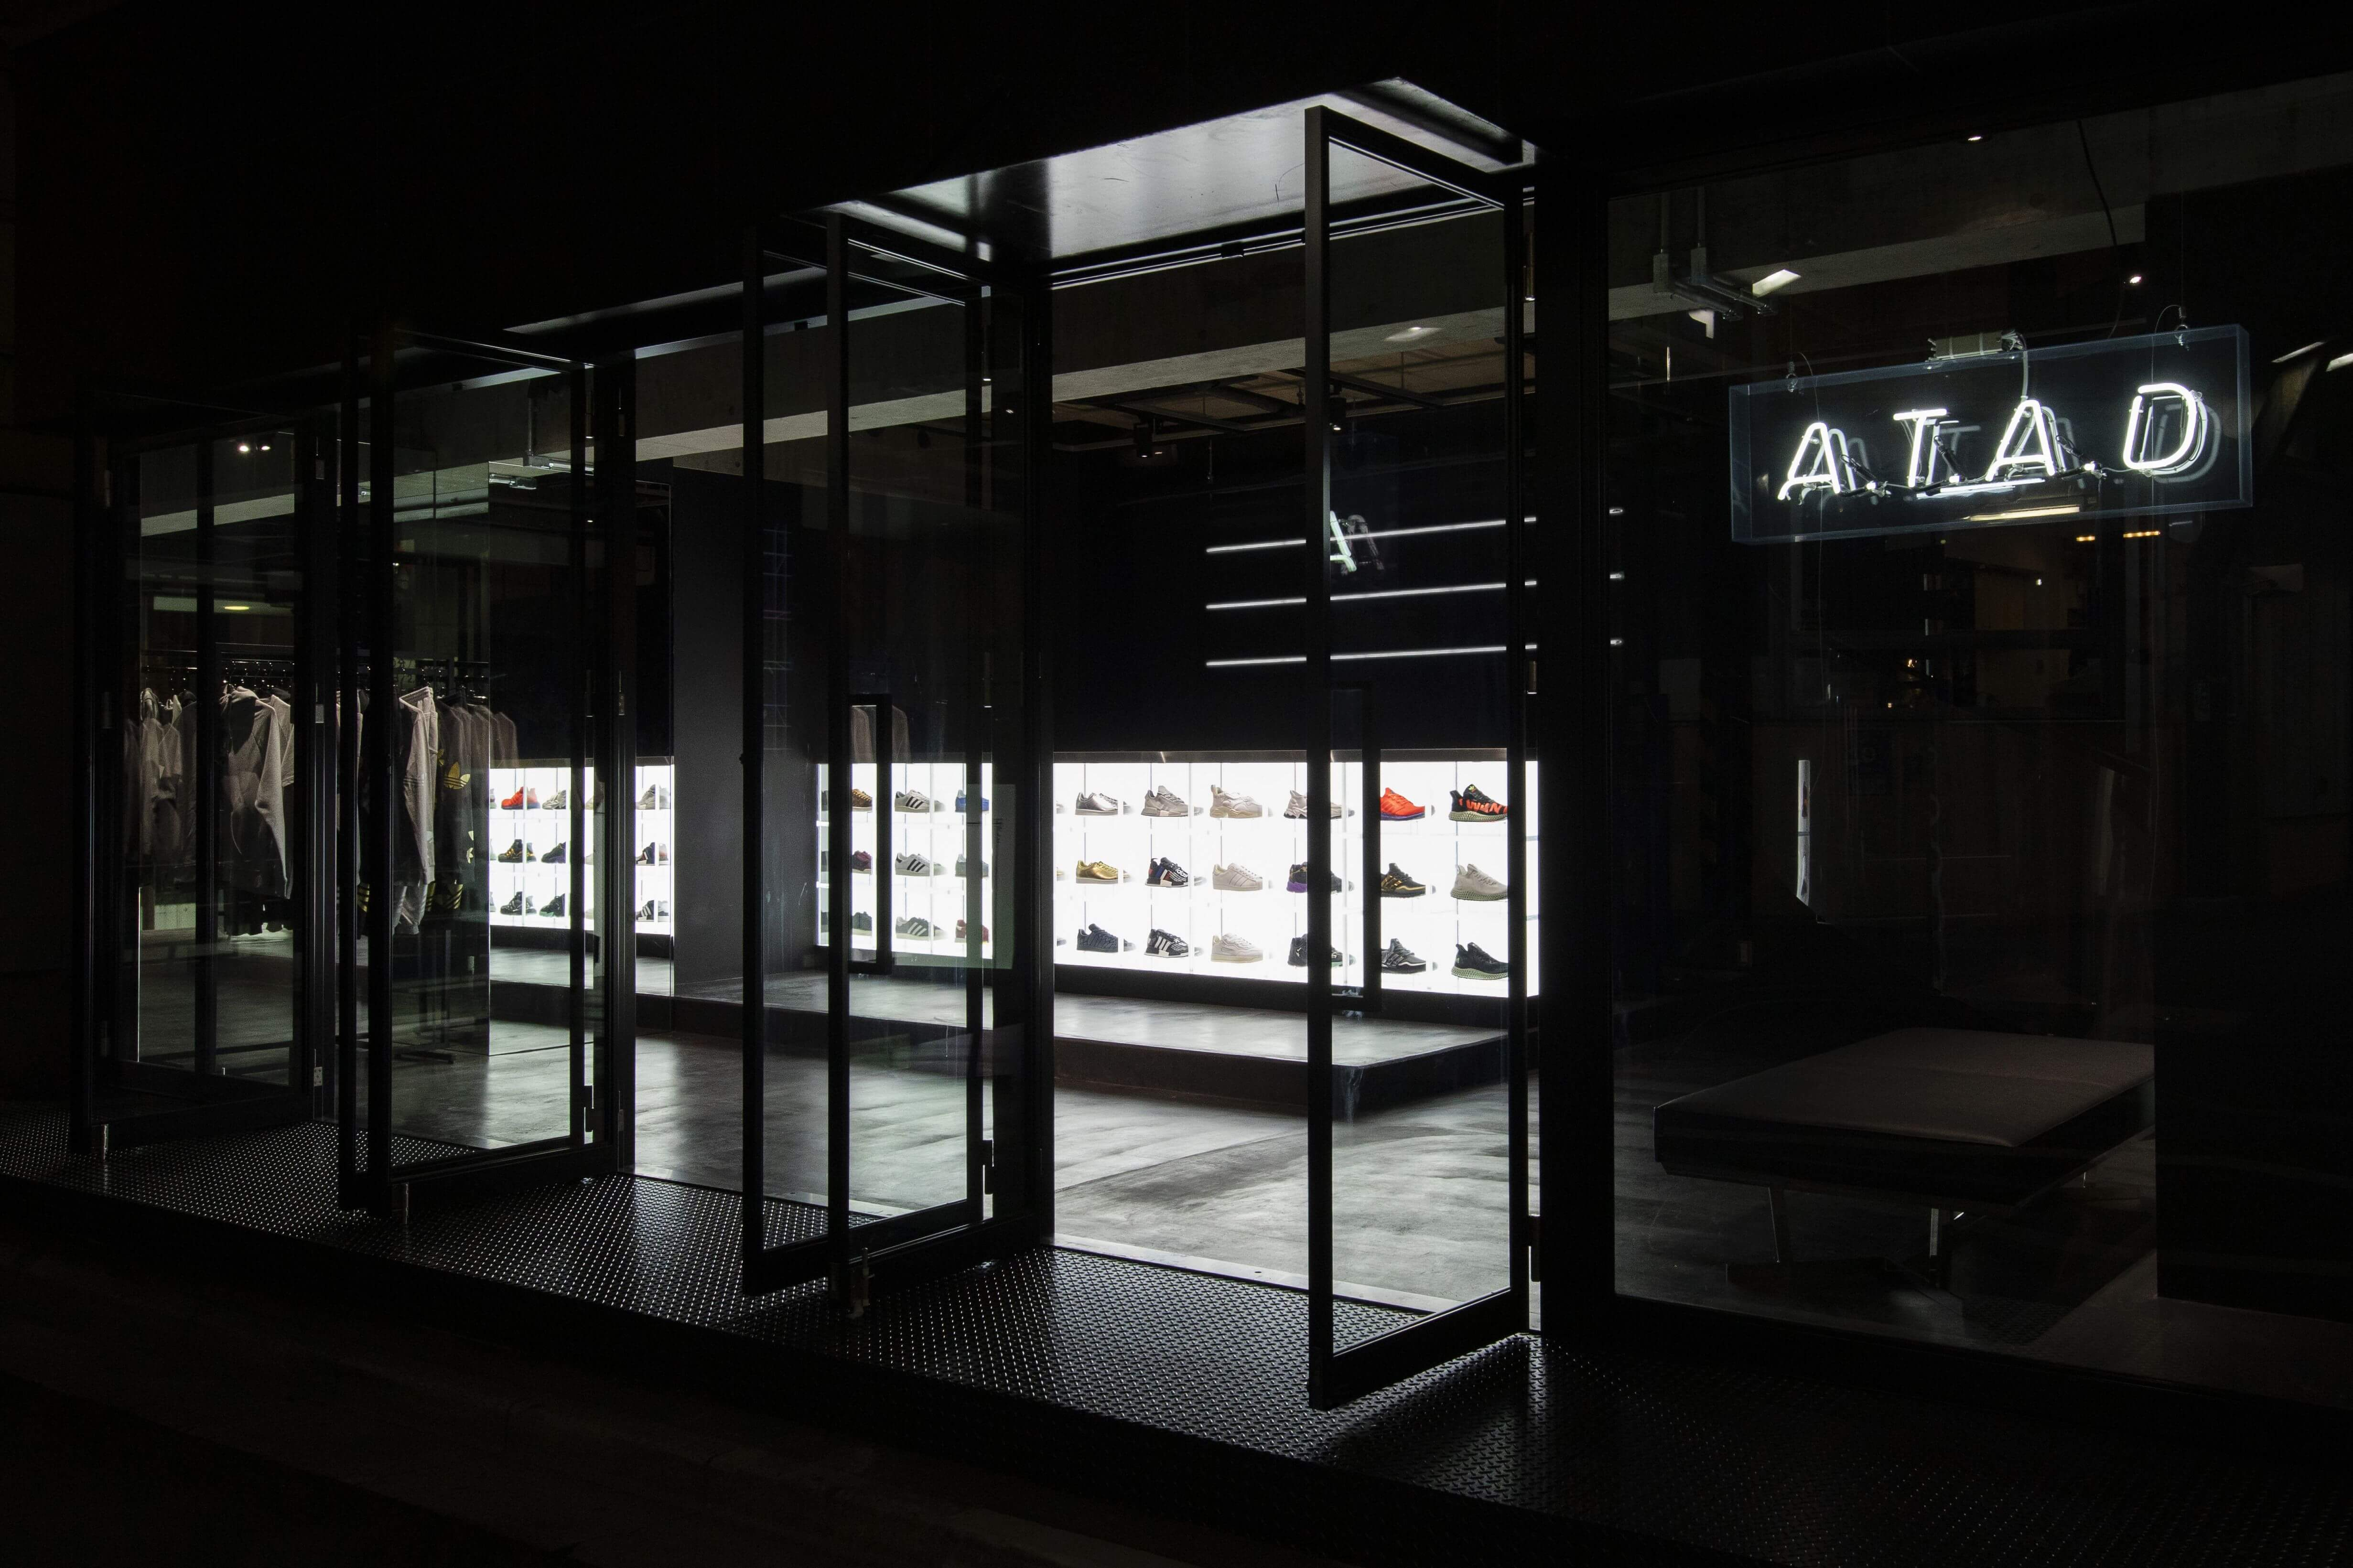 a-t-a-d-adidas-atmos-%e5%8e%9f%e5%ae%bf-harajuku-2